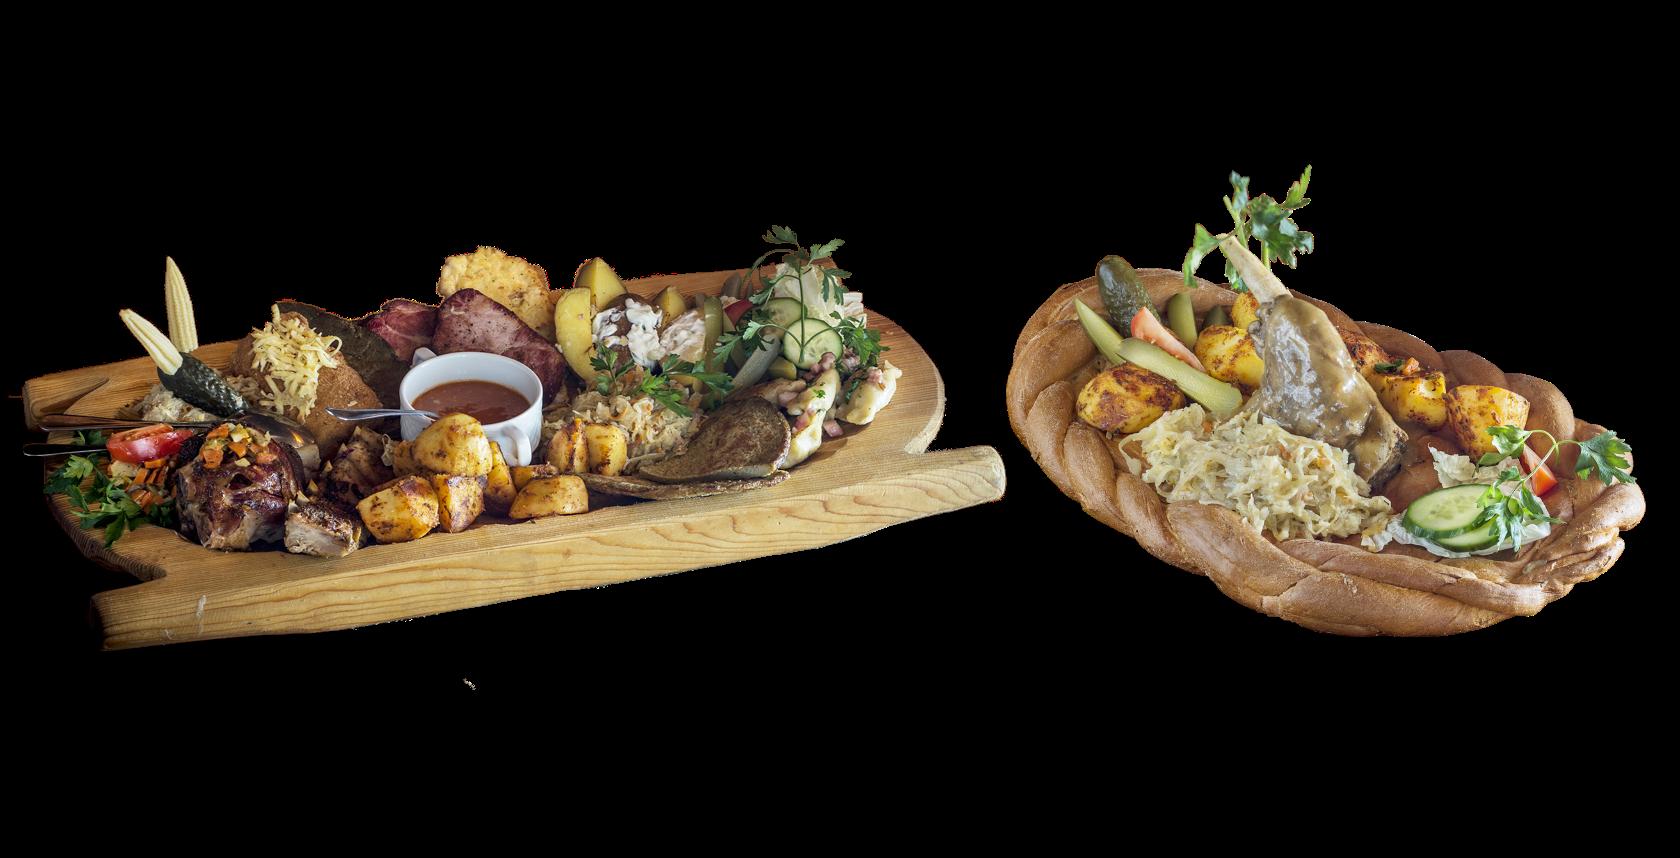 Góralska kuchnia na <strong>staropolskich</strong> przepisach potraw